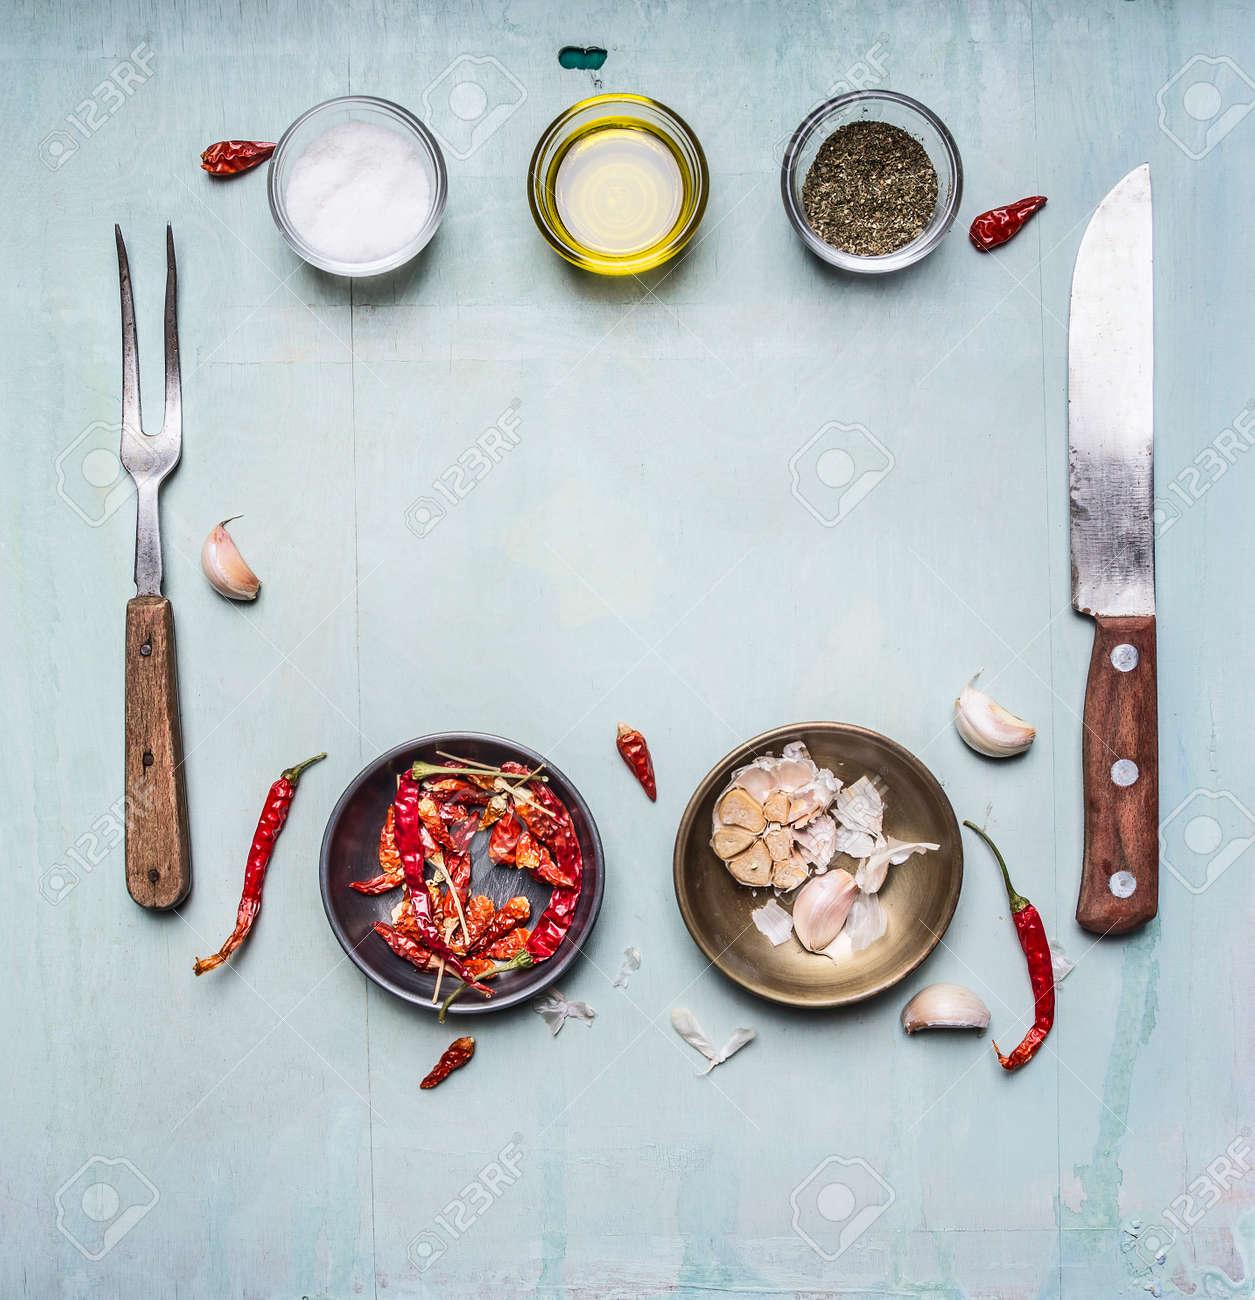 Zutaten Zum Kochen, Würzen, Öl, Messer, Gabel, Knoblauch, Heiße Rote ...